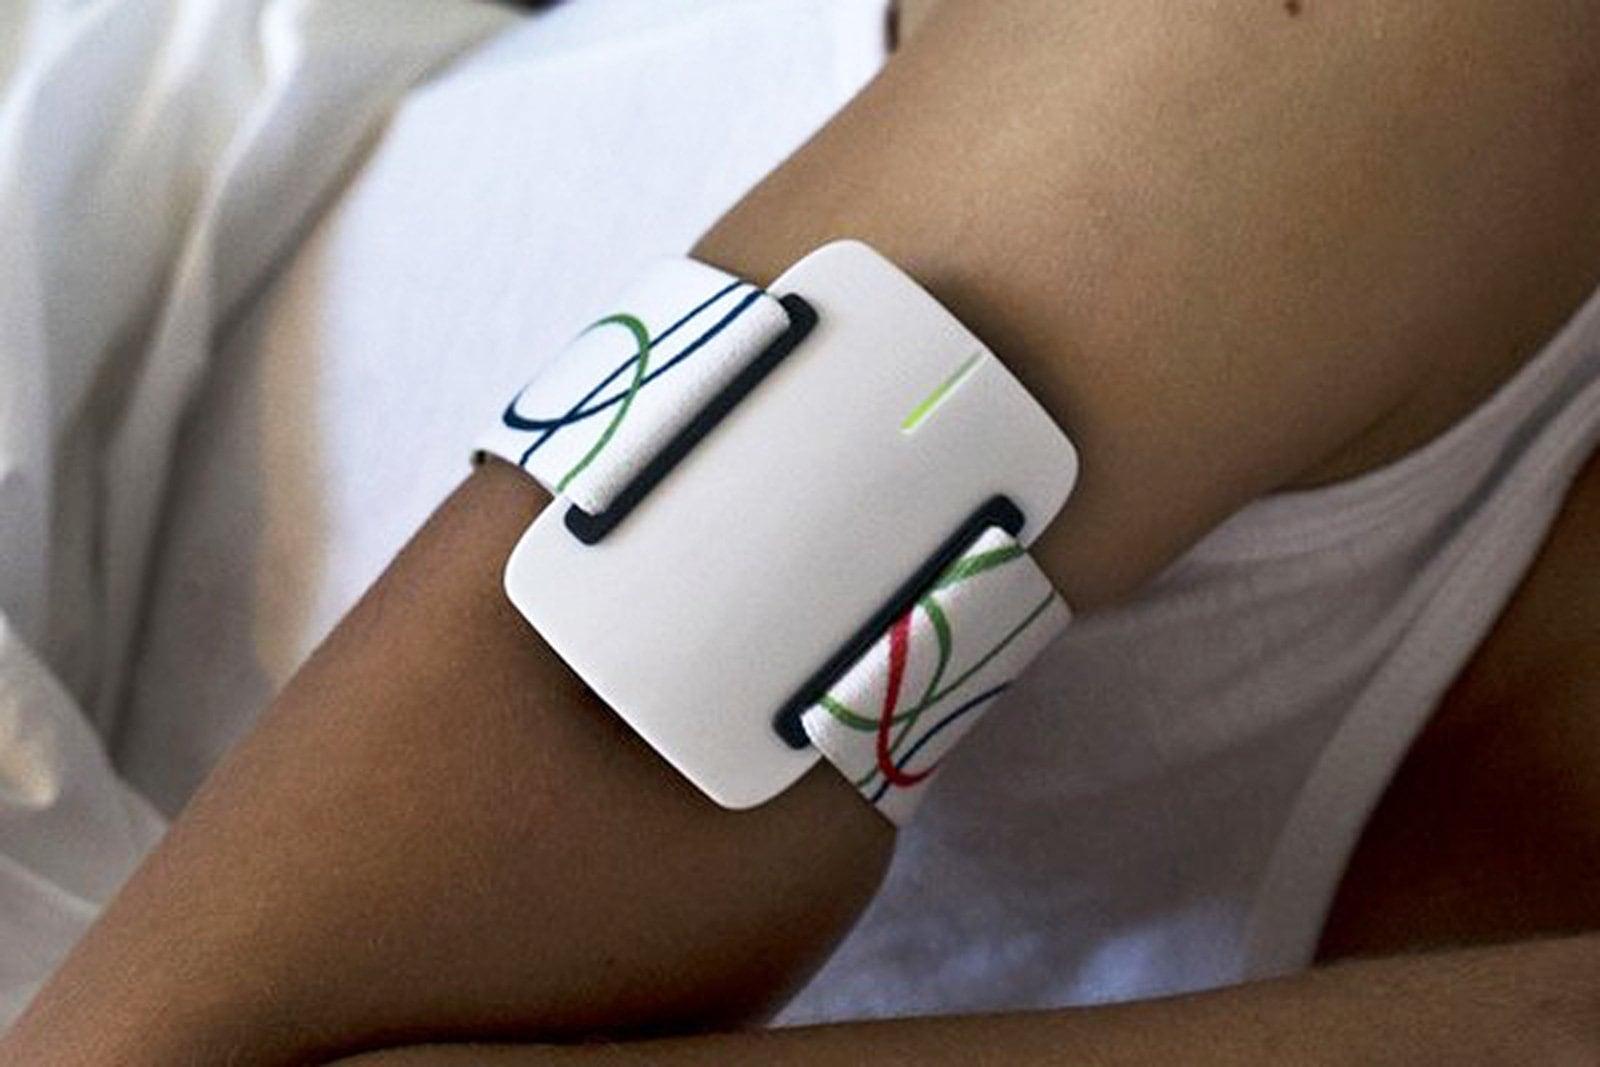 Умный браслет подаст сигнал о приступе эпилепсии